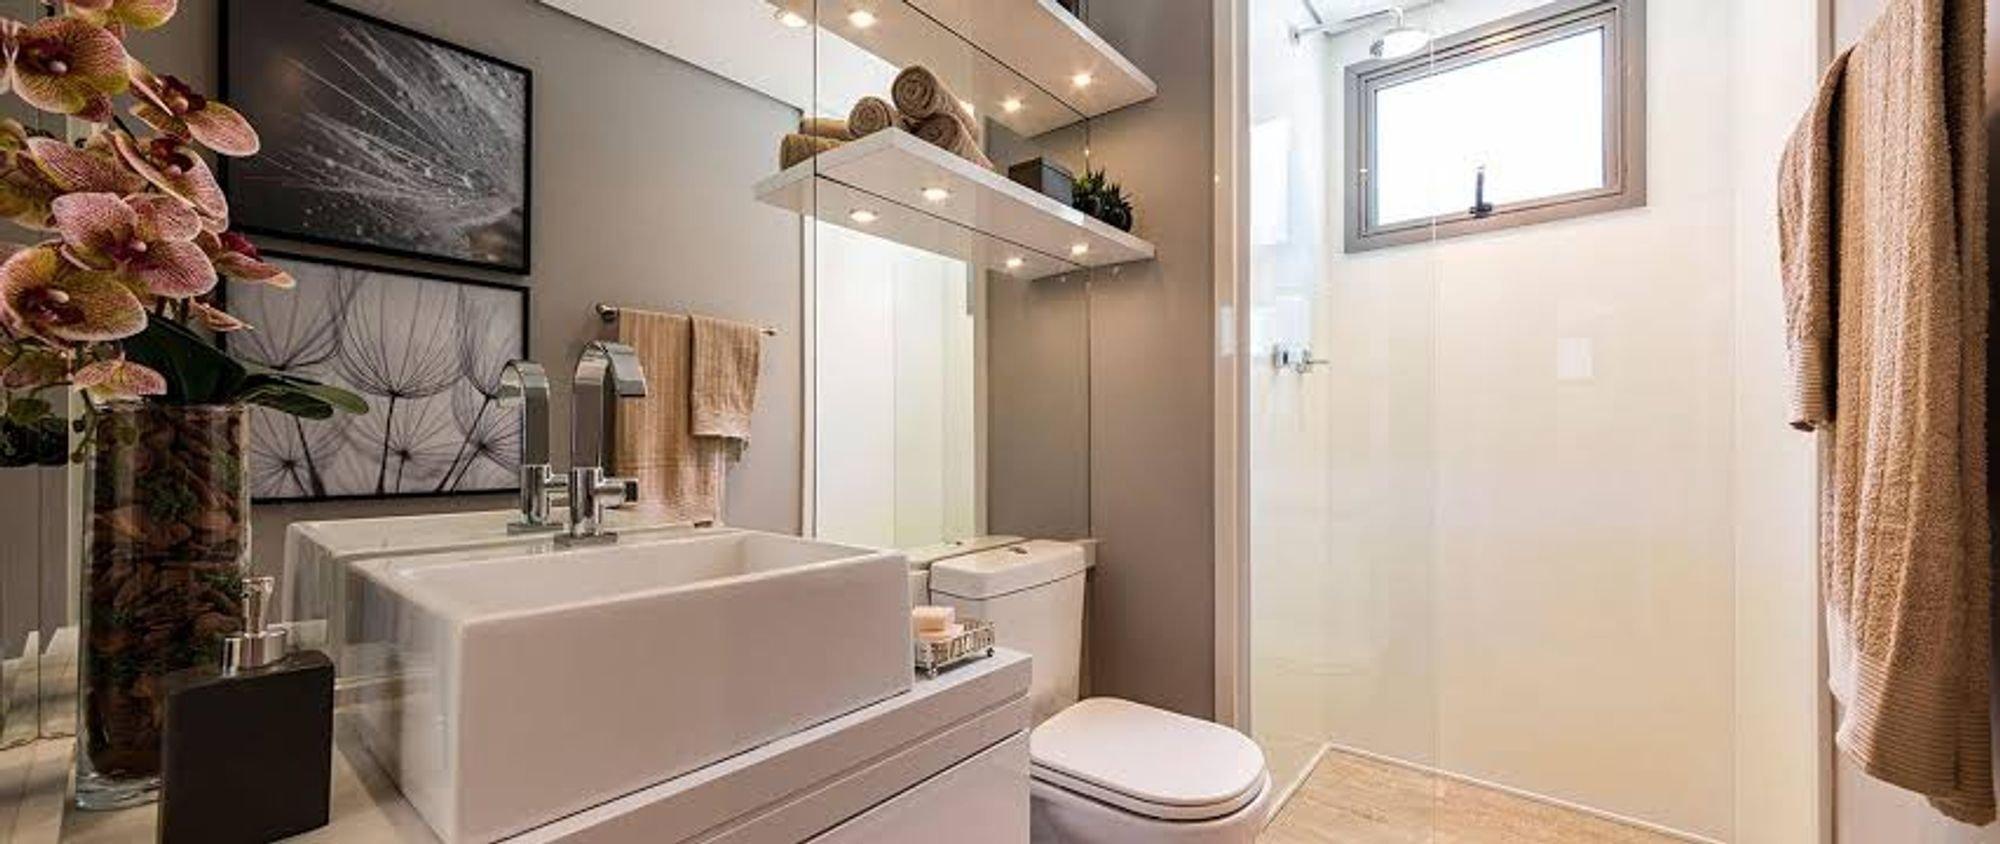 Foto de Banheiro com vaso